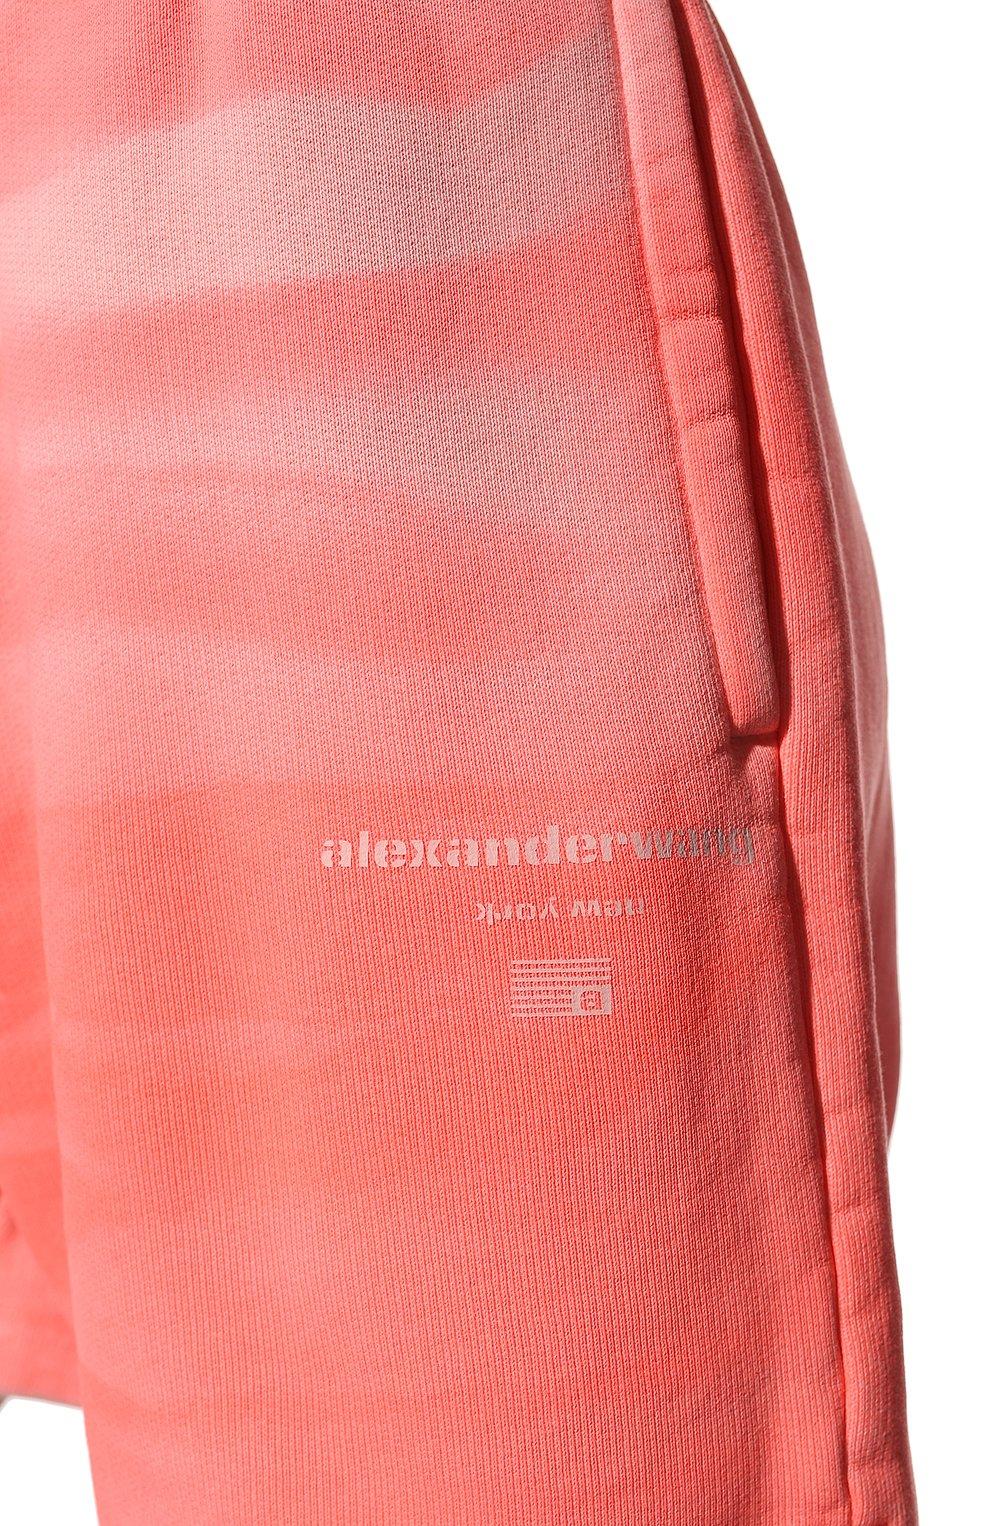 Женские хлопковые шорты ALEXANDER WANG розового цвета, арт. UCC3214017 | Фото 5 (Женское Кросс-КТ: Шорты-одежда; Длина Ж (юбки, платья, шорты): Мини; Материал внешний: Хлопок; Стили: Спорт-шик)